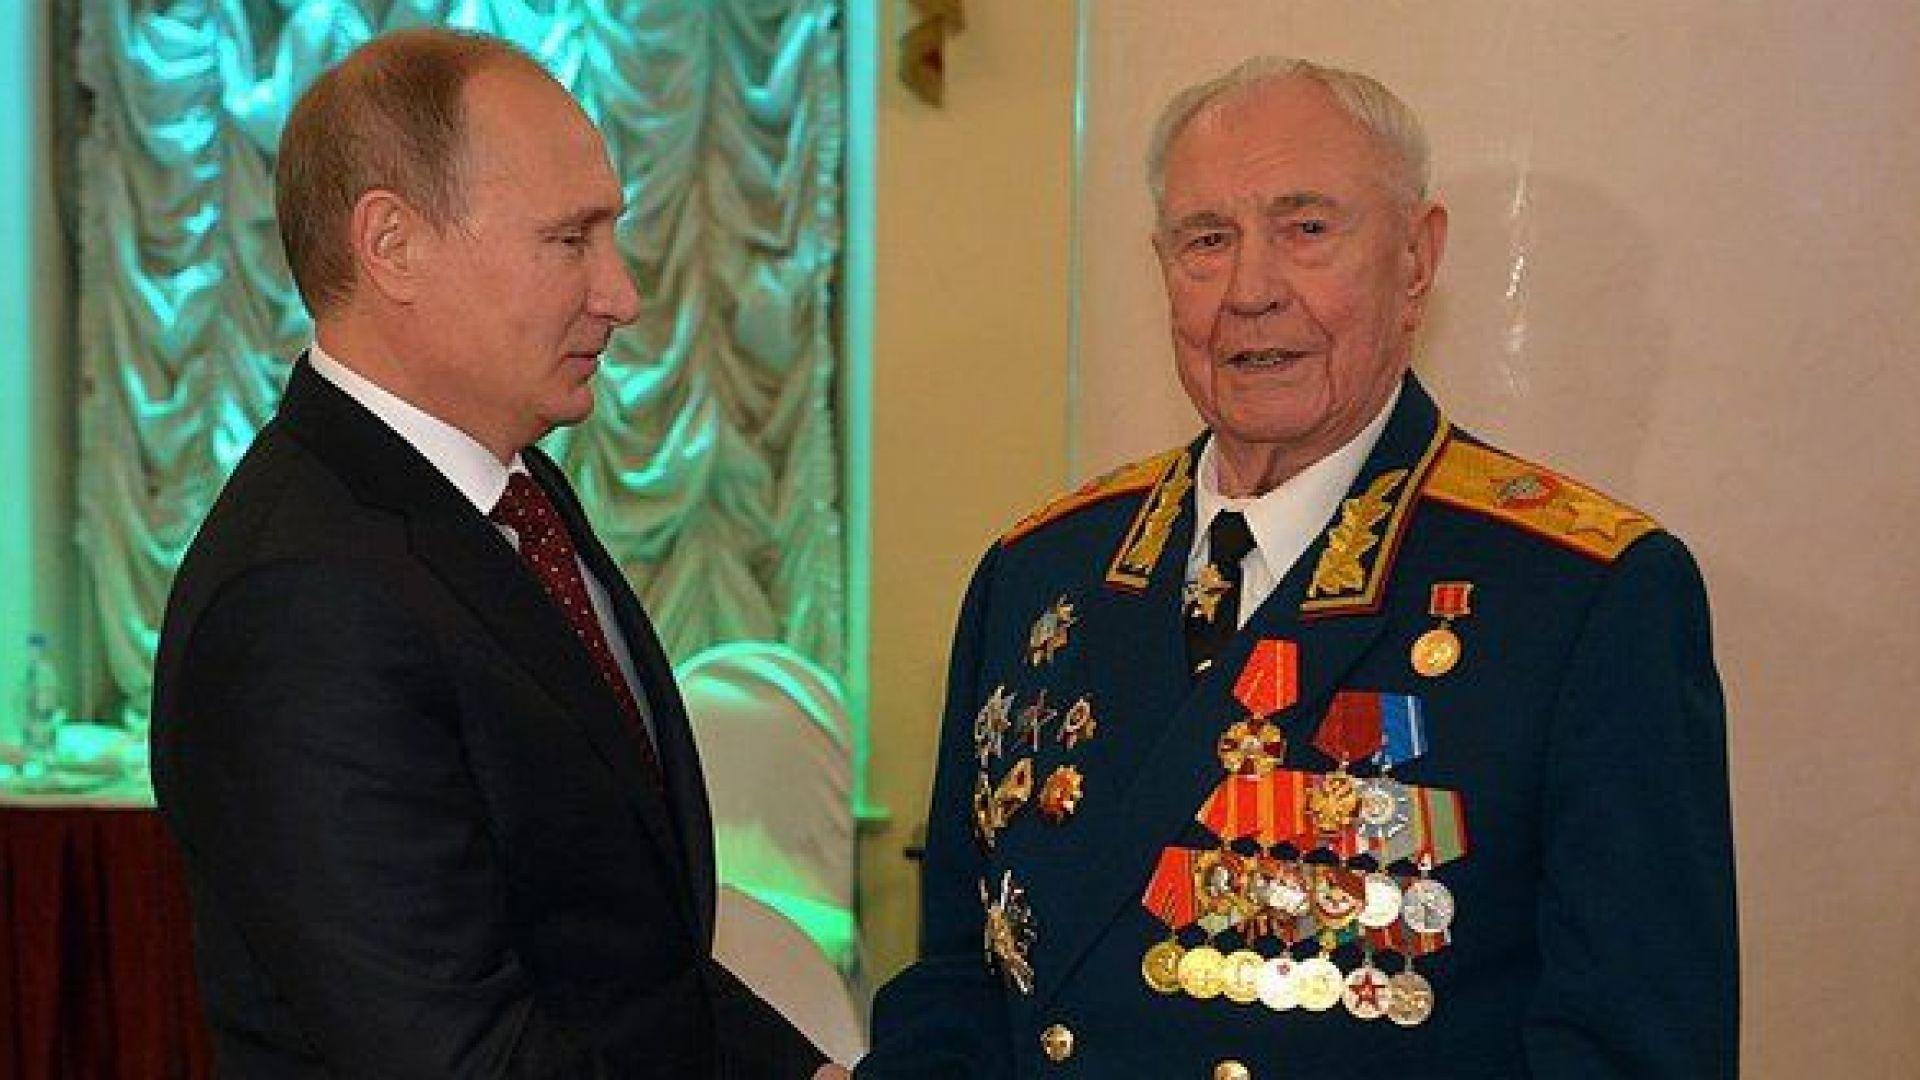 Реакции след кончината на последния маршал на СССР Дмитрий Язов